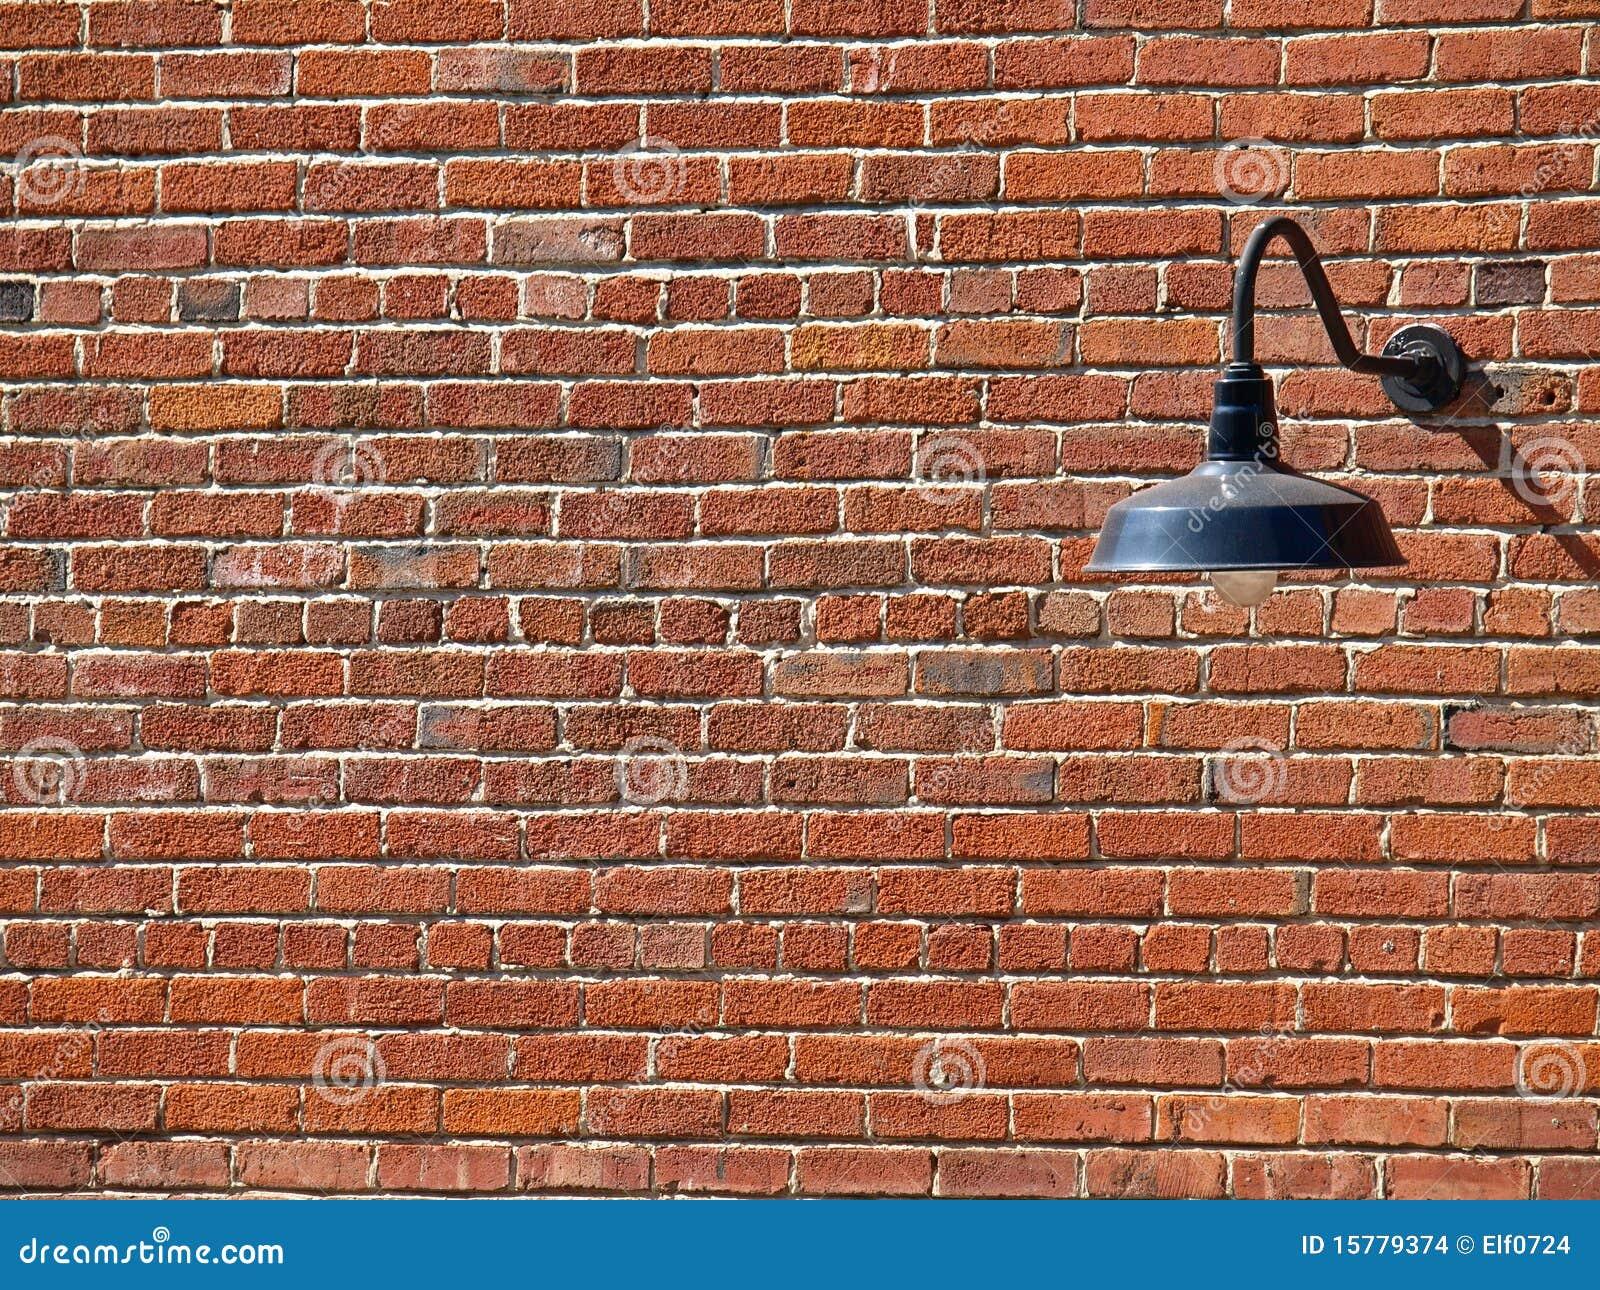 Hintergrund-Abbildung der Lampe auf der Backsteinmauer